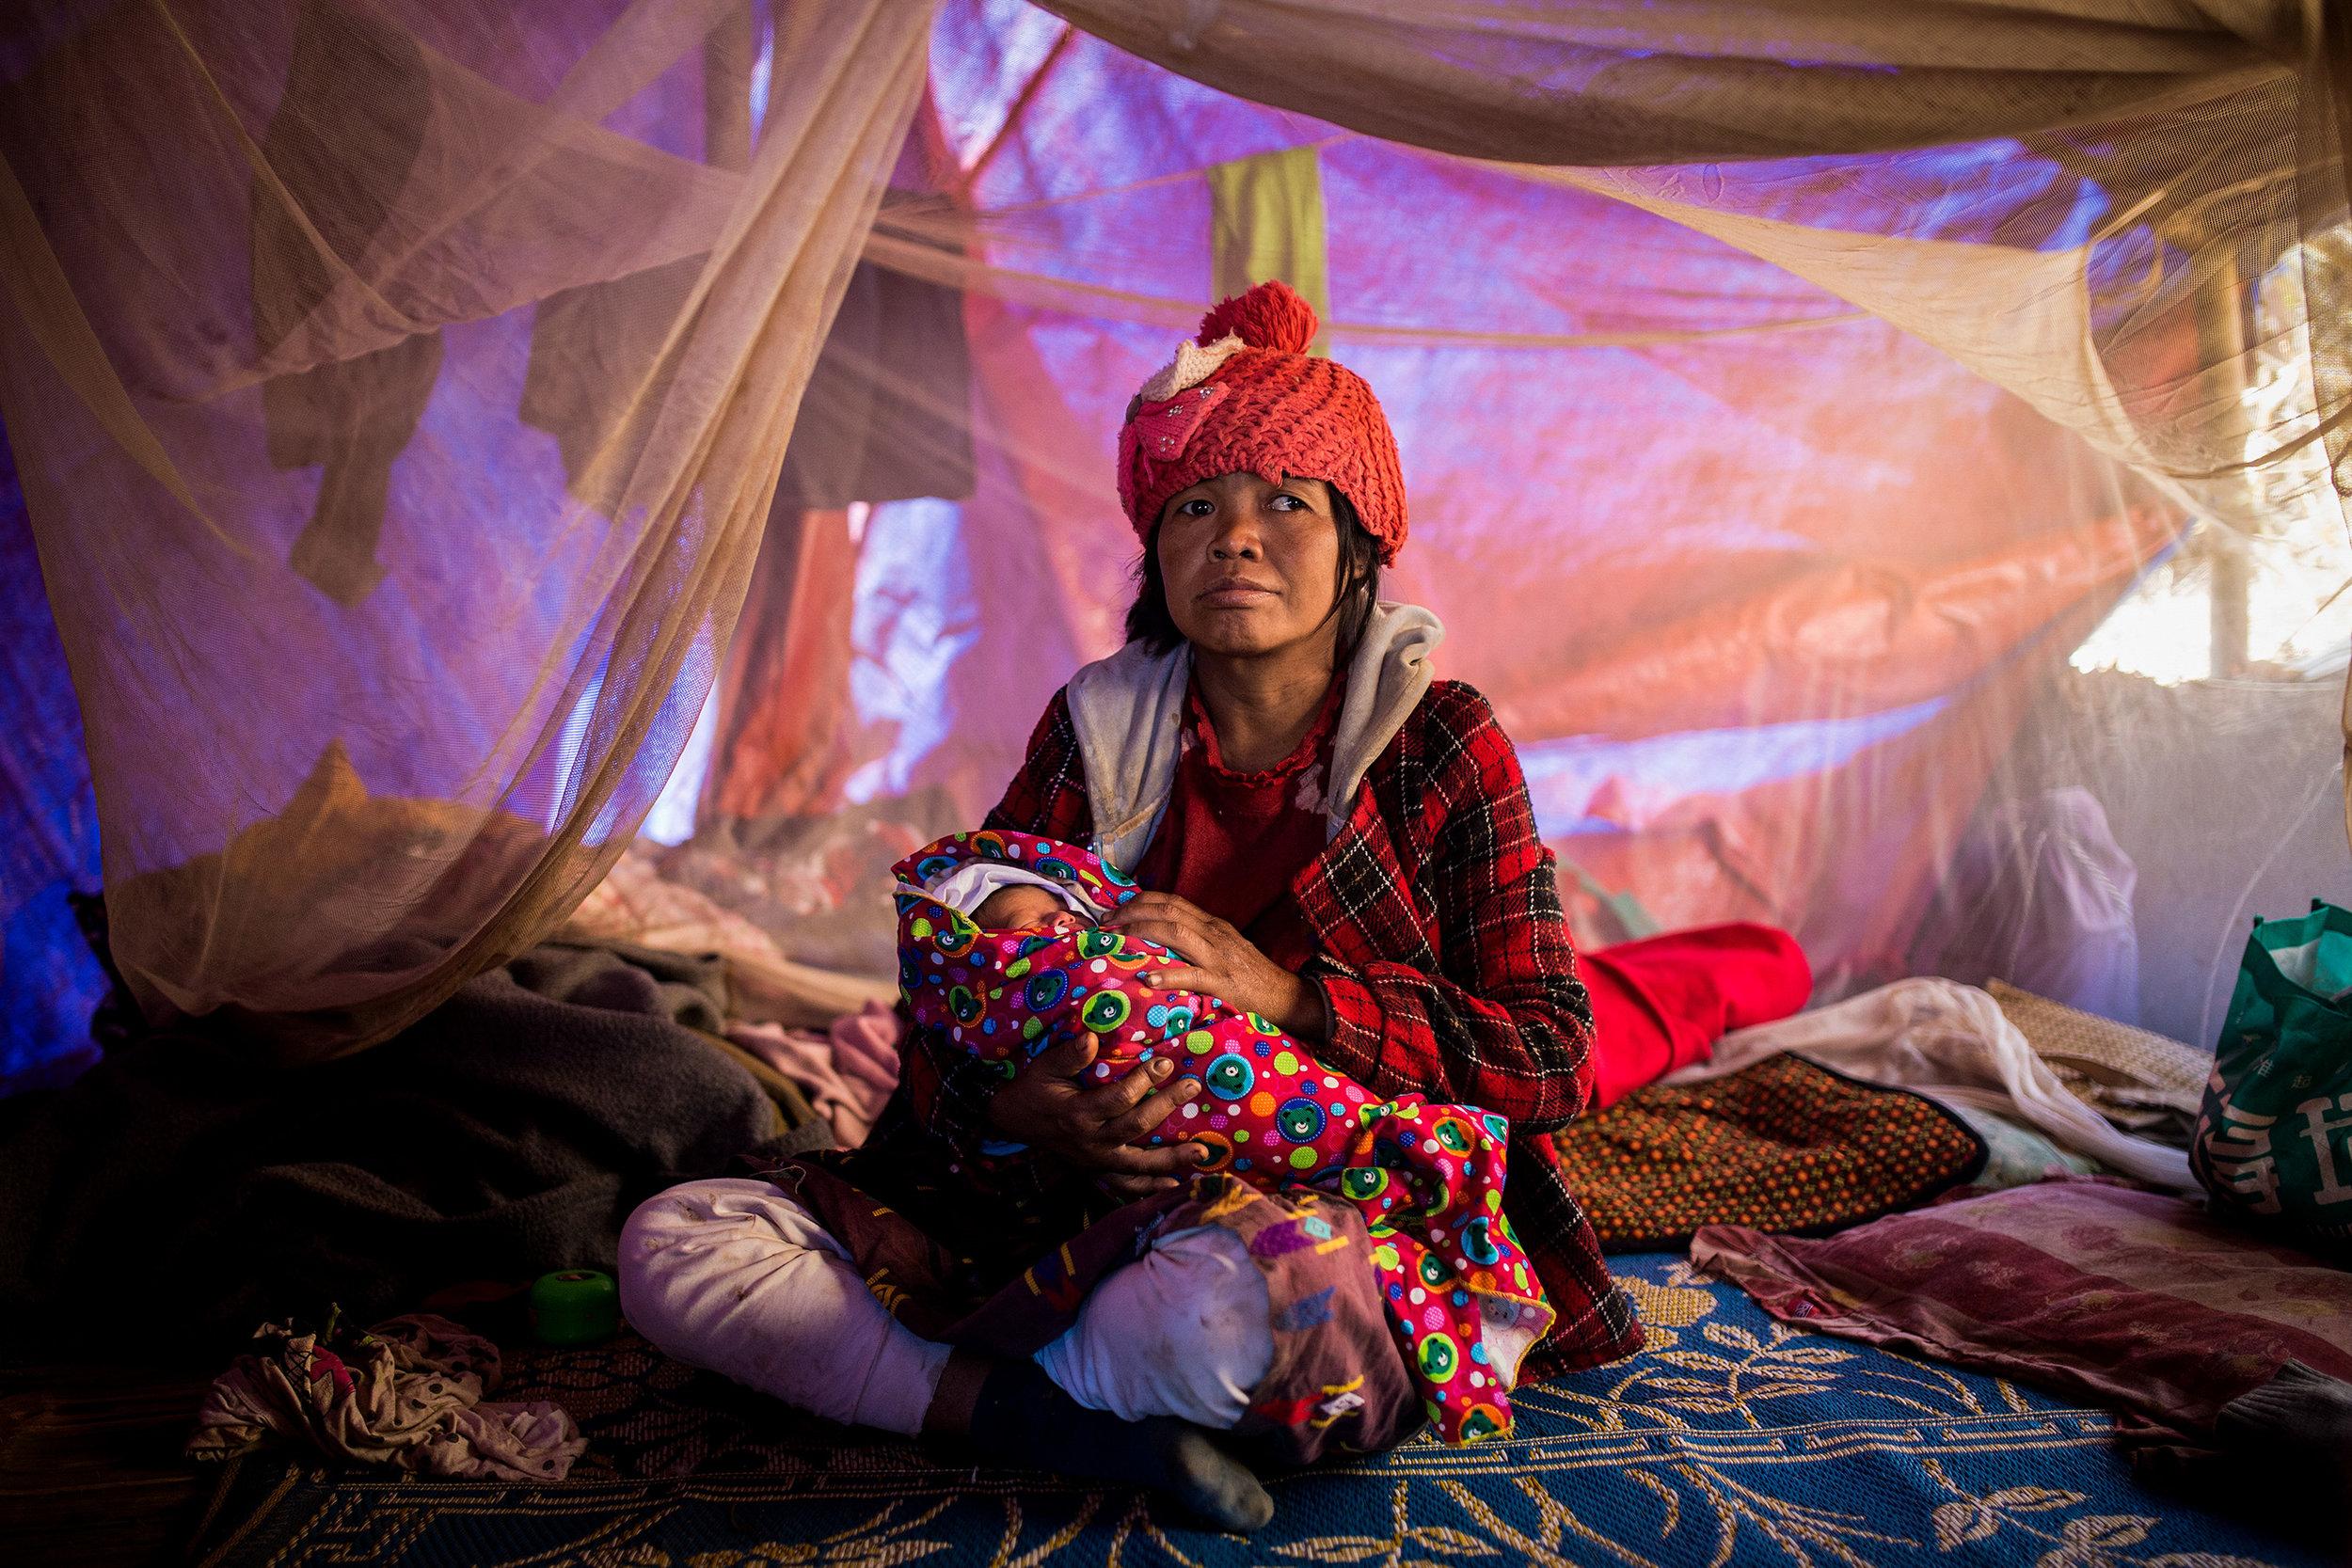 kachin_photo_book_49.jpg